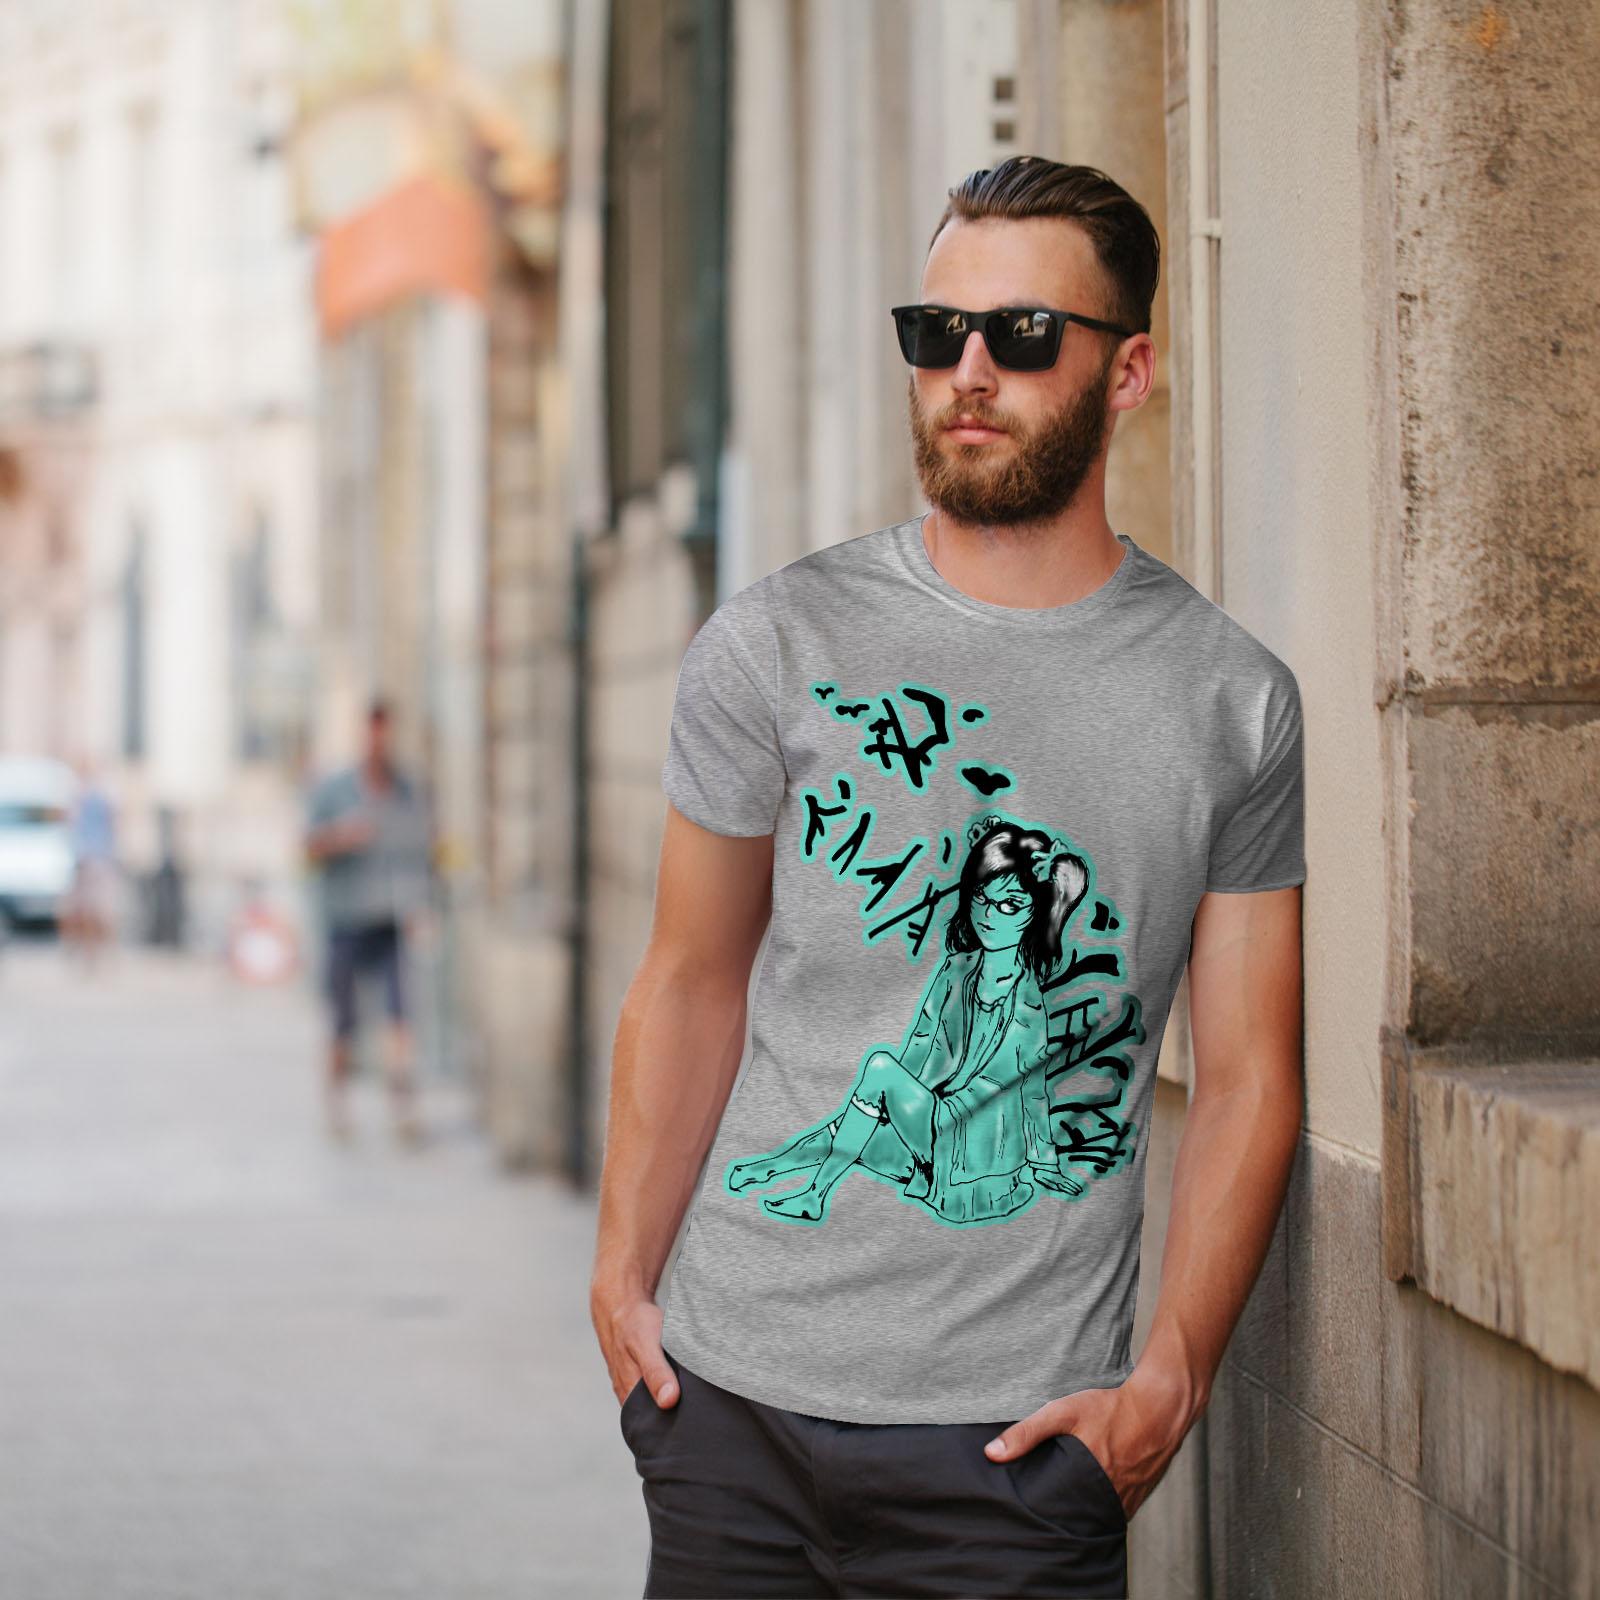 Wellcoda ragazza asiatica Mystic Da Uomo T-shirt tenerezza design grafico stampato T-shirt